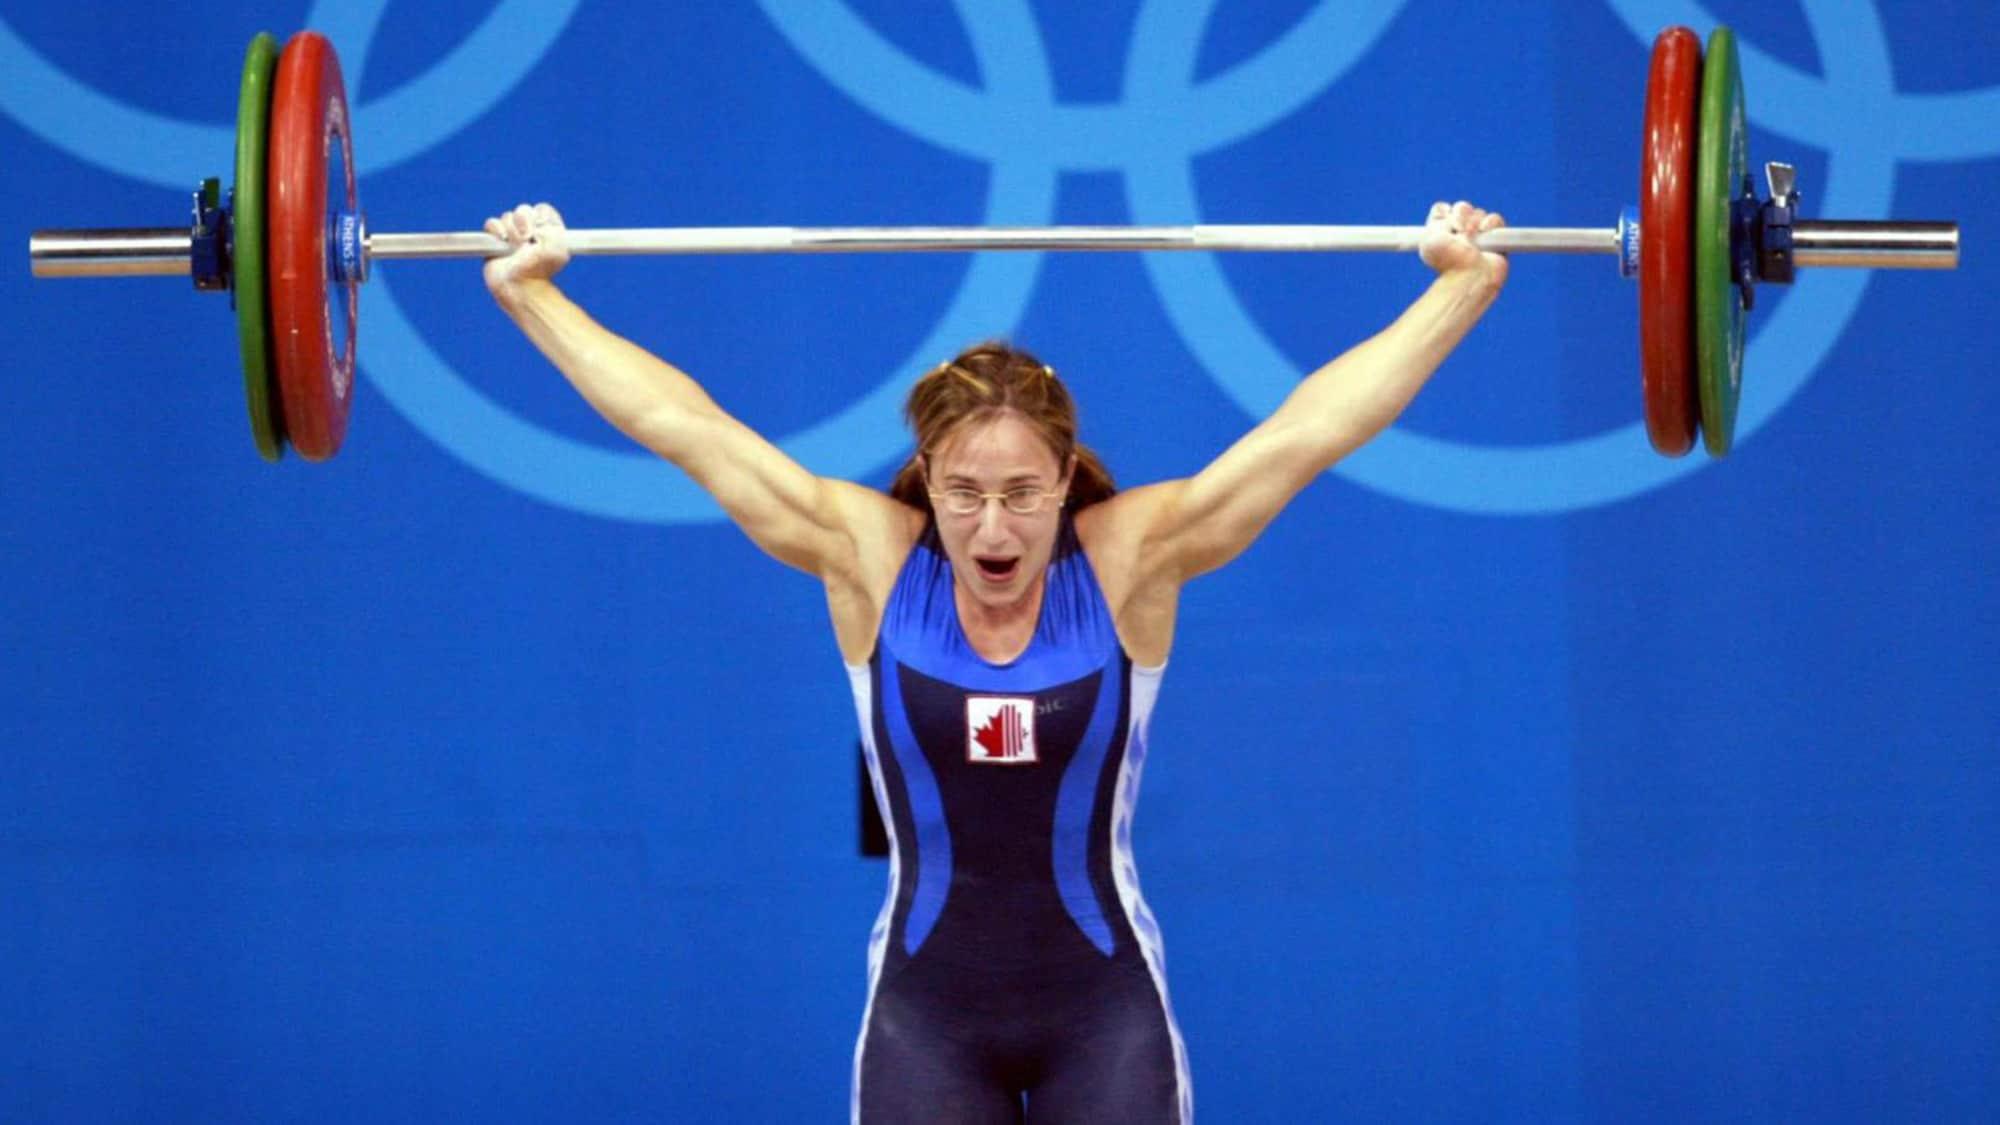 Maryse Turcotte sourit en levant une barre au-dessus de sa tête pendant la compétition d'haltérophilie des Jeux d'Athènes.